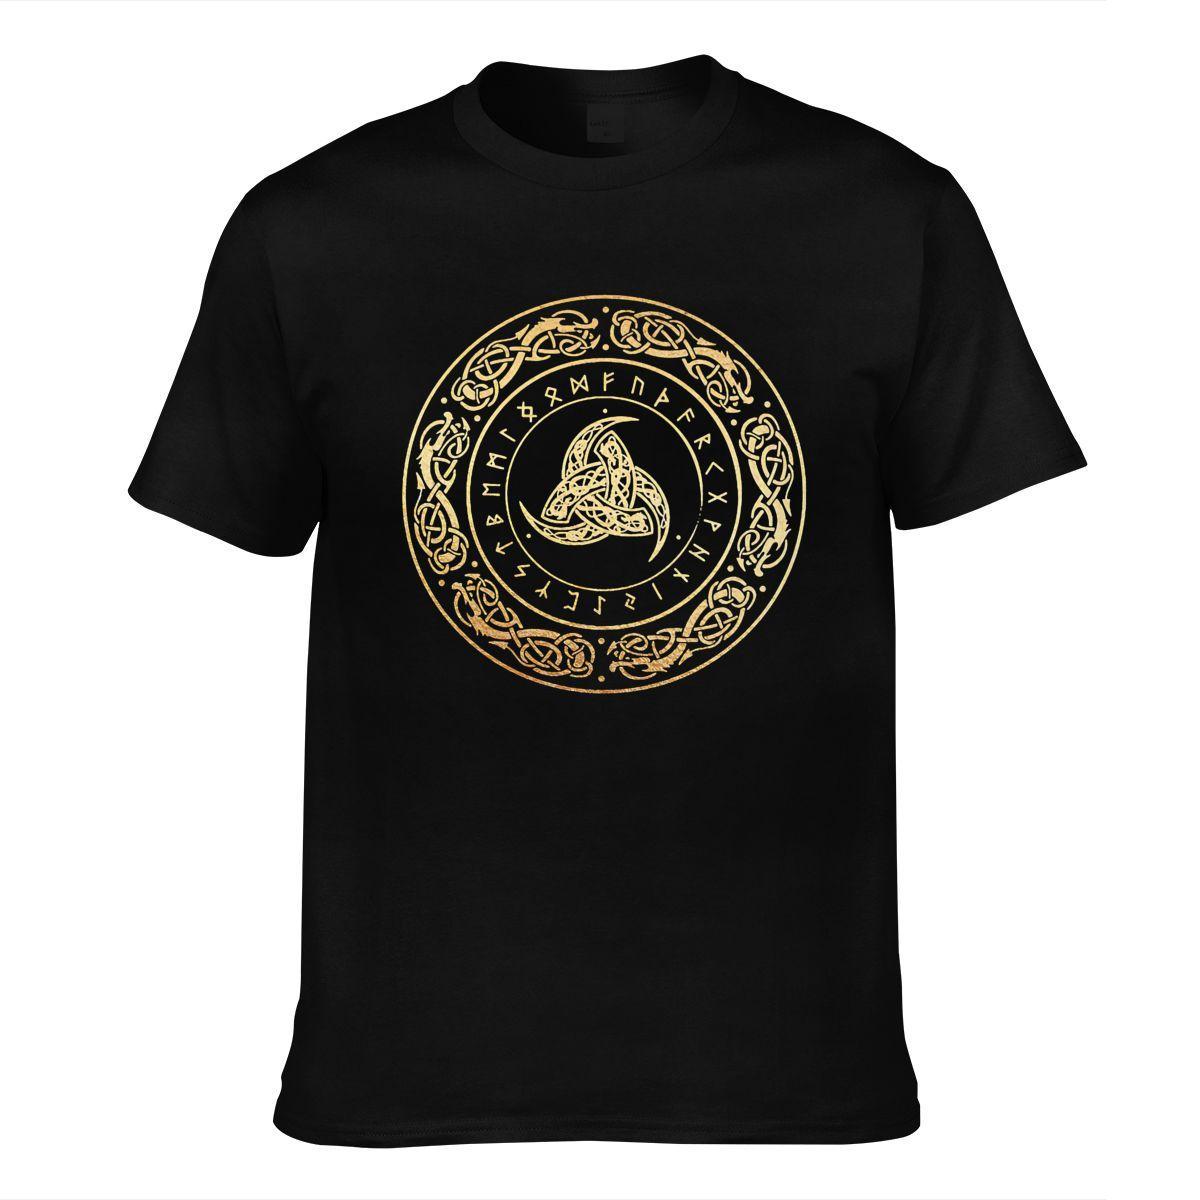 블랙 코튼 티셔츠 바이킹 기호 티셔츠 짧은 소매 남자 탑스 티셔츠 여름 의류 운동 Homme Streetout 착용